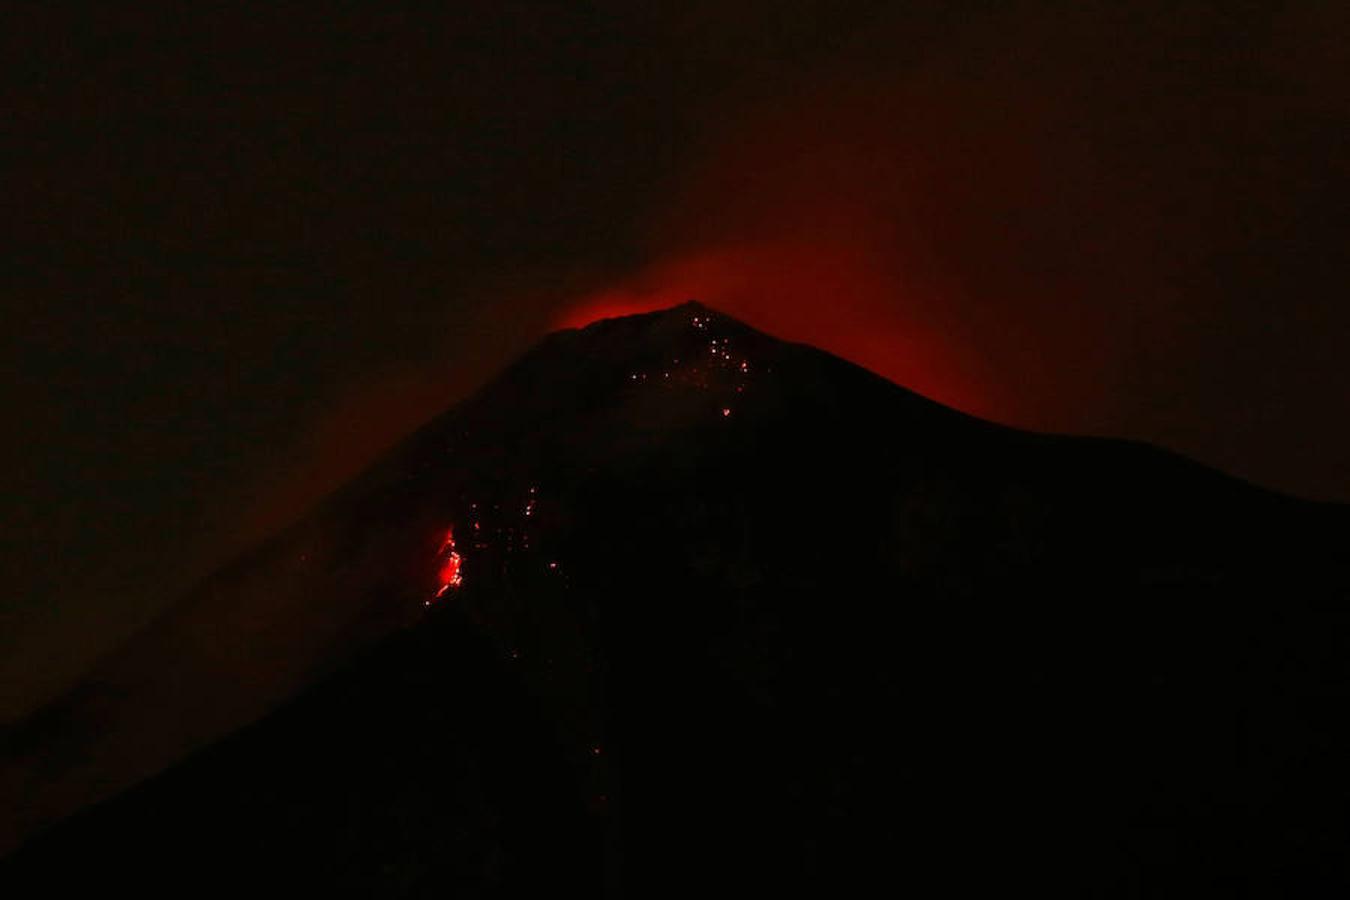 La ceniza que lanzó el coloso alcanzó los 10.000 metros de altura sobre el nivel del mar y, según el Instituto Nacional de Sismología, Vulcanología, Meteorología e Hidrología (Insivumeh), esta erupción, la segunda en 2018 del volcán de Fuego, es la mayor de los últimos años. Al menos 25 personas fallecieron, 20 resultaron heridas y 1,7 millones se vieron afectadas por la erupción del volcán de Fuego.